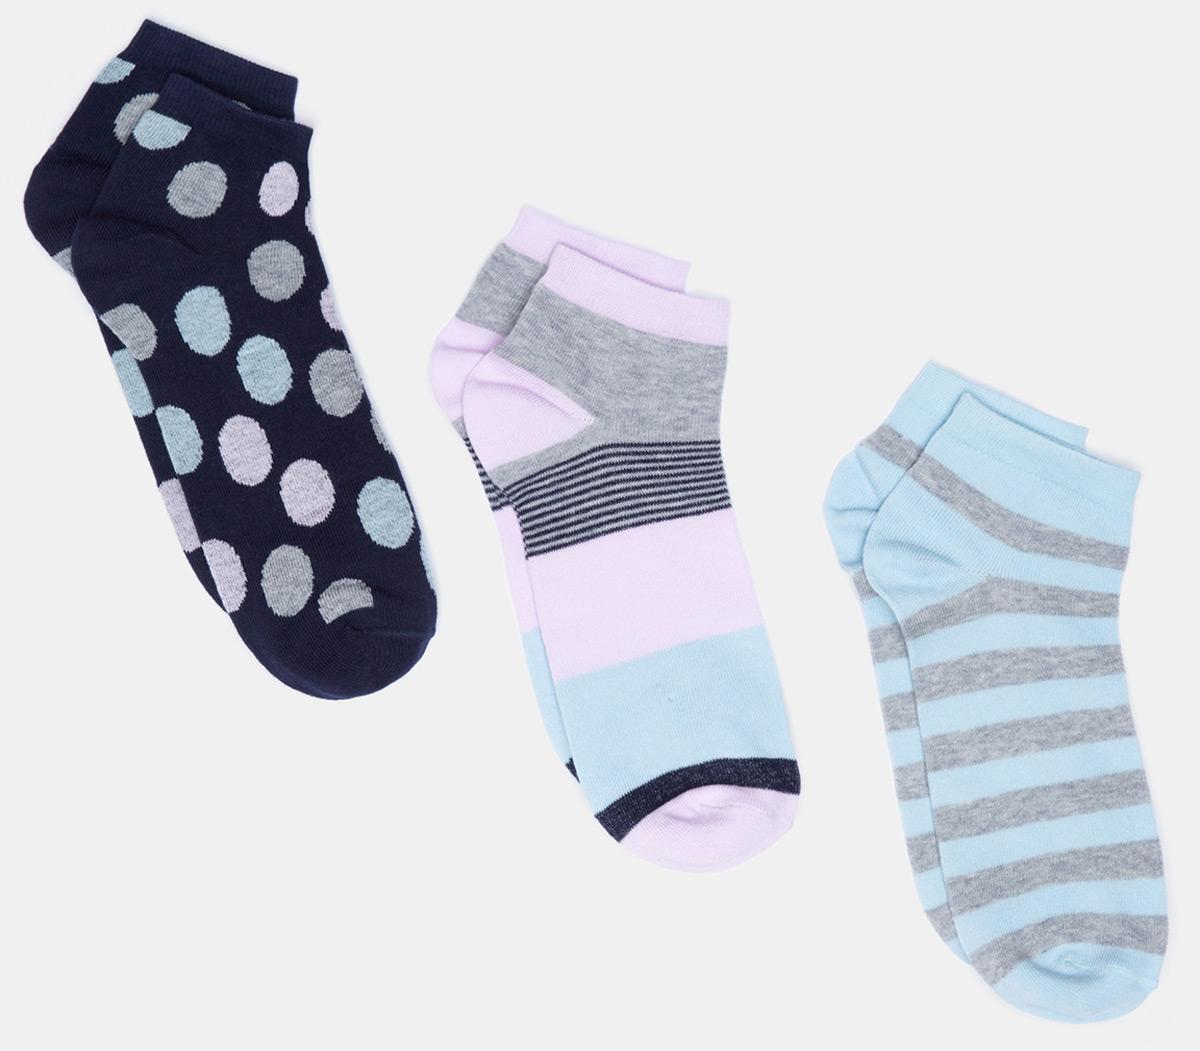 Носки женские Infinity Lingerie Masuri, цвет: мультиколор, 3 пары. 31204420077_8000. Размер 35/36